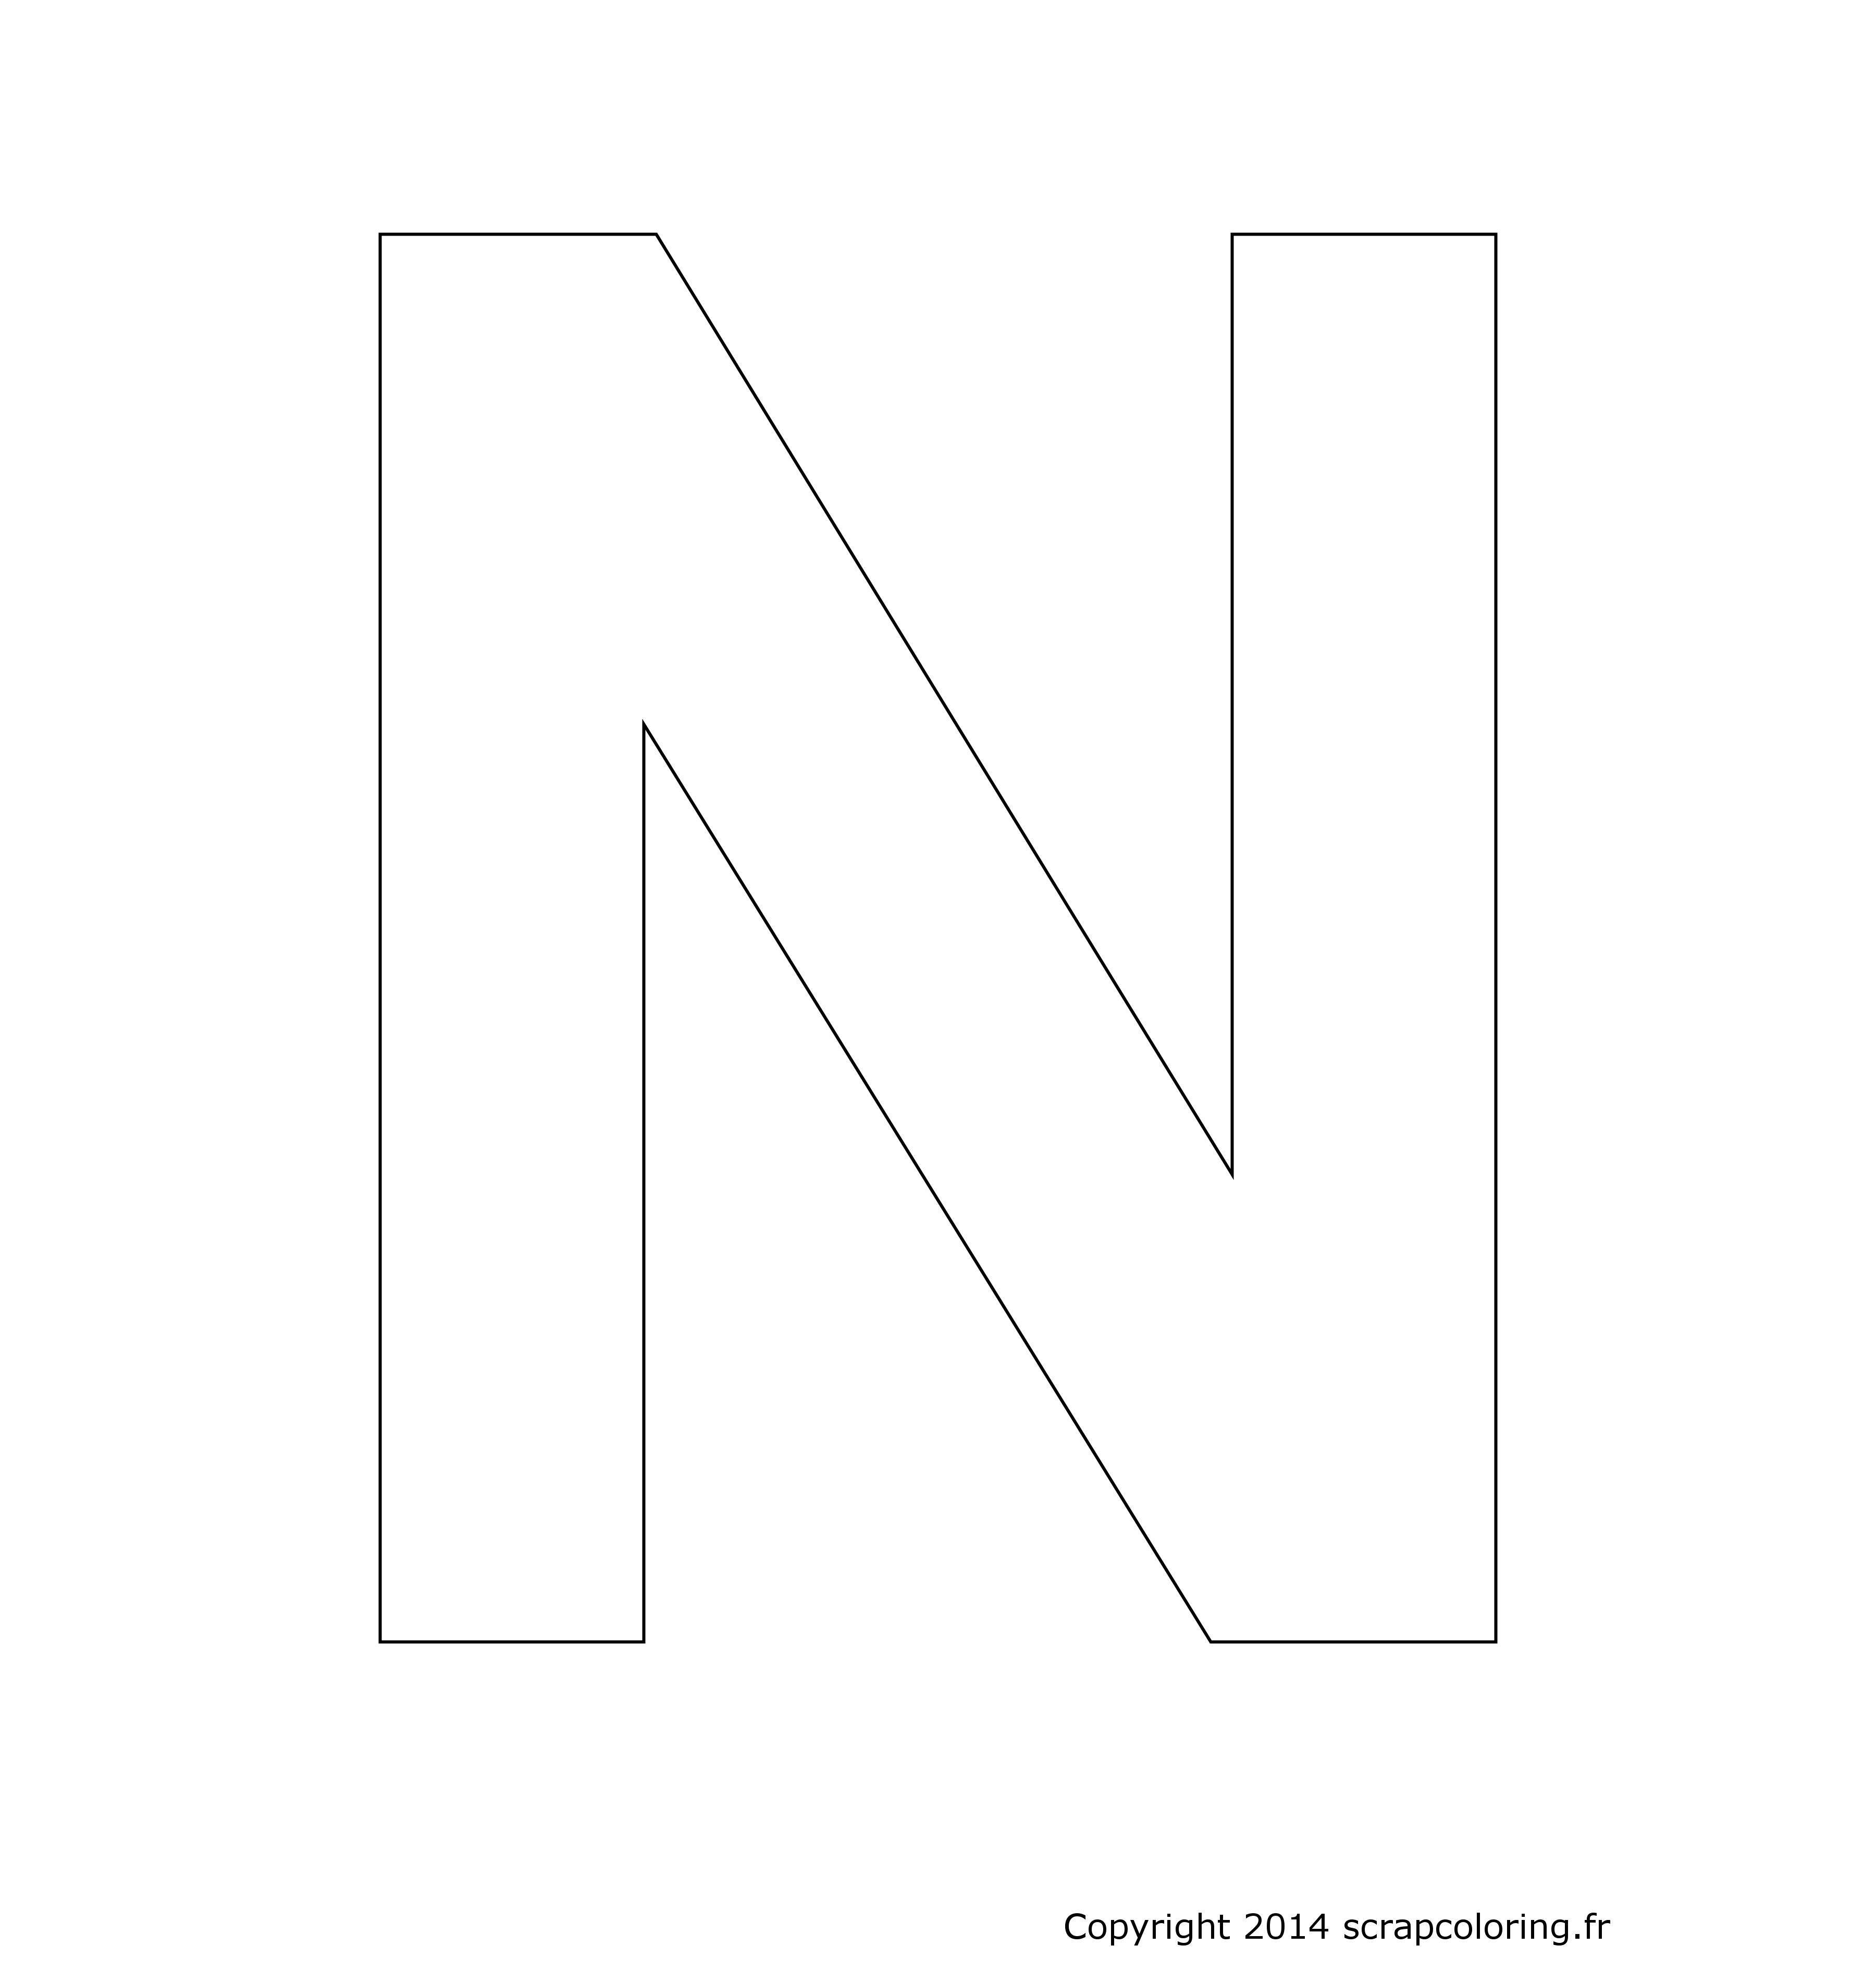 Coloriage lettre n - Coloriage lettre a ...